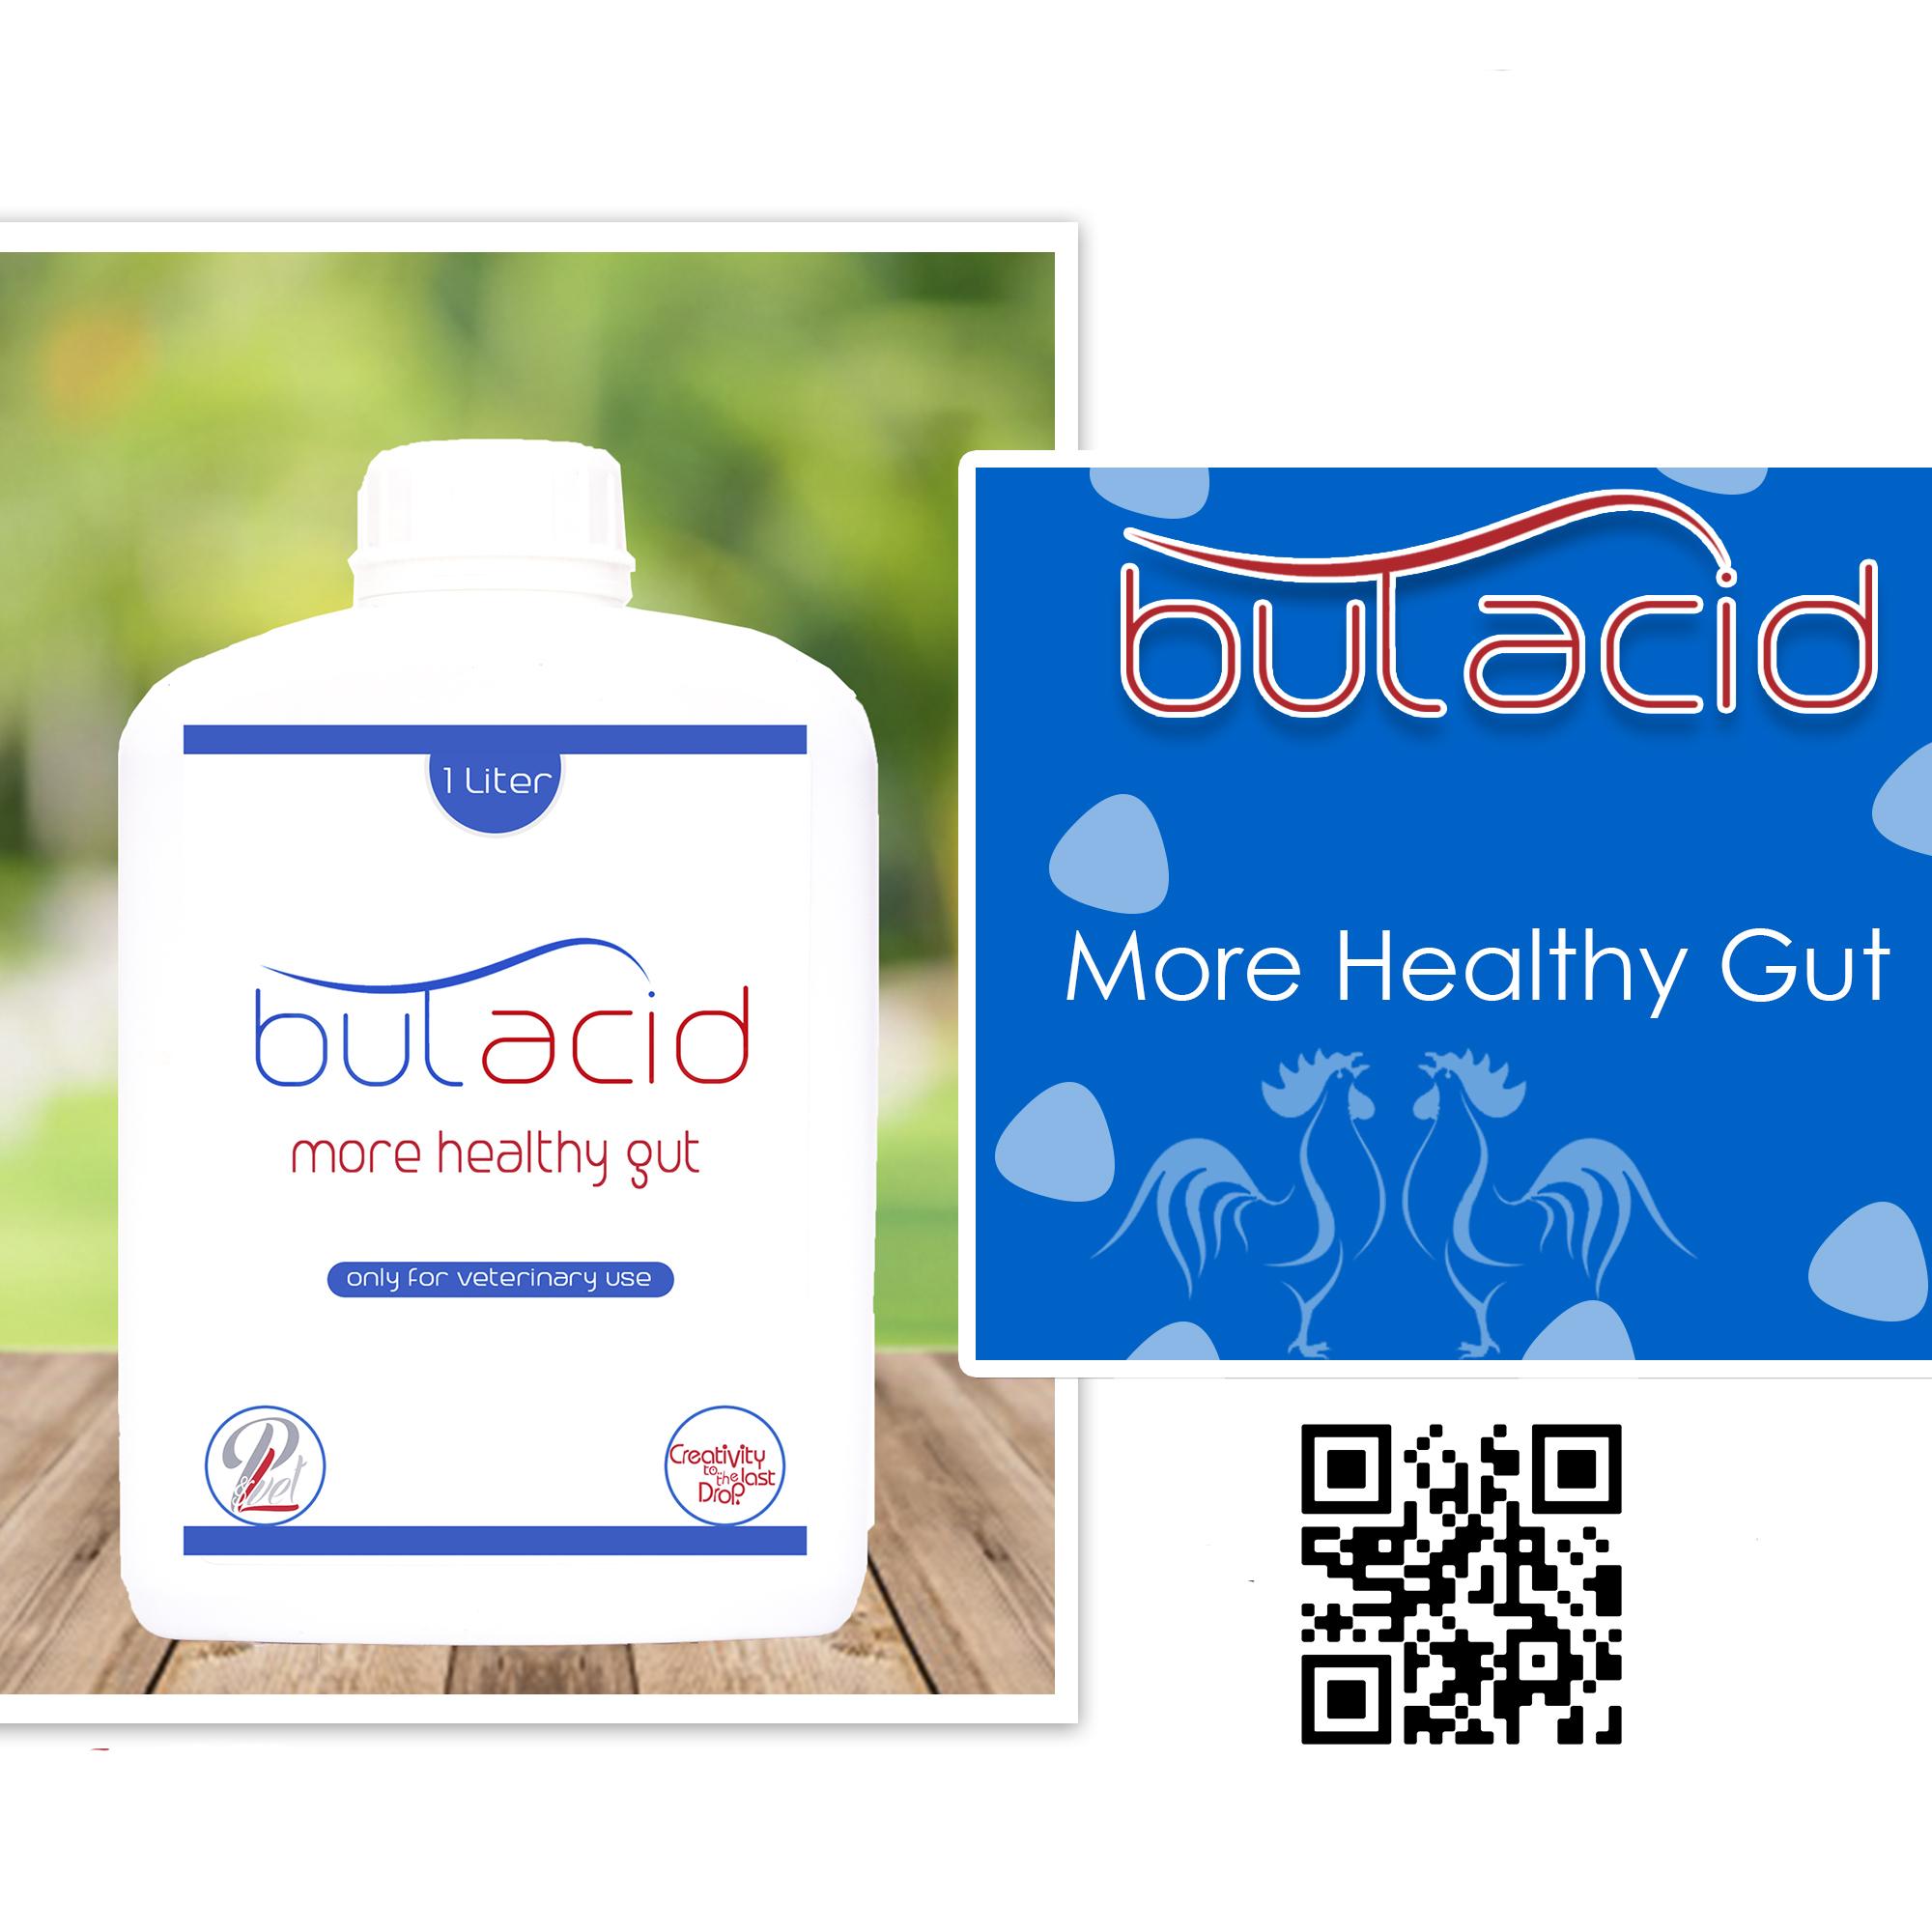 Butacid